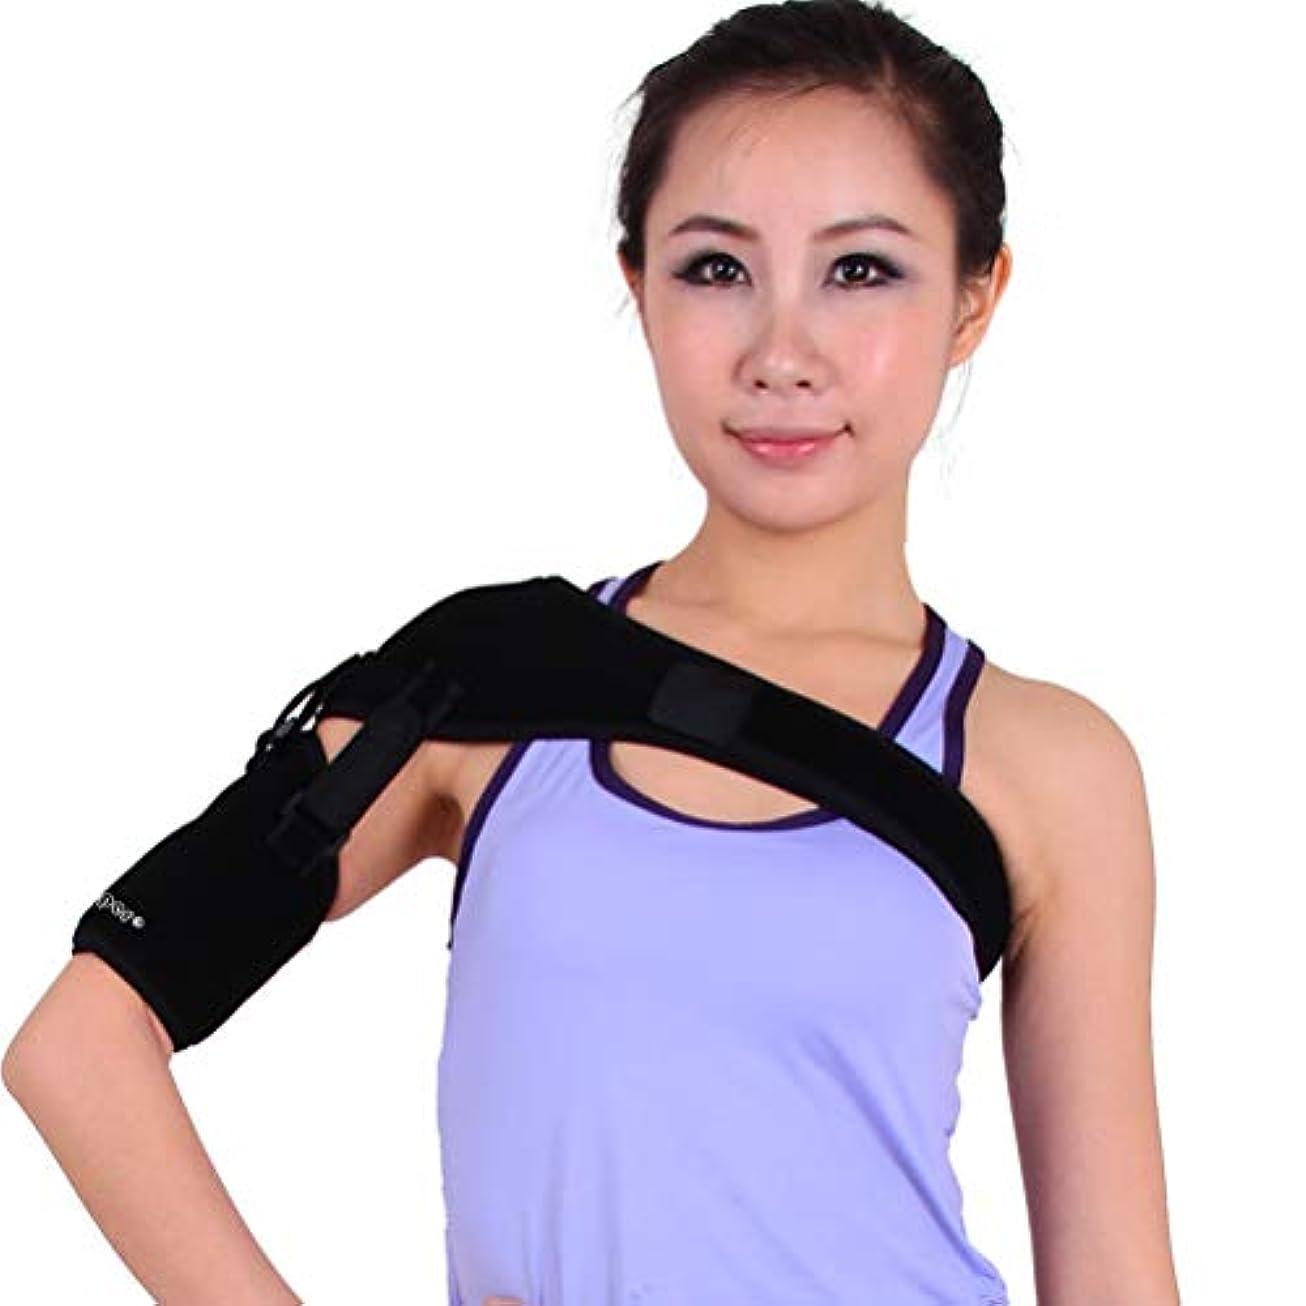 限定そんなにペフHealifty ショルダーサポート右腕スリング調整可能な肘サポートメッシュブレース医療用スリングストラップ固定具(スポーツ用)壊れた骨折した腕(黒)